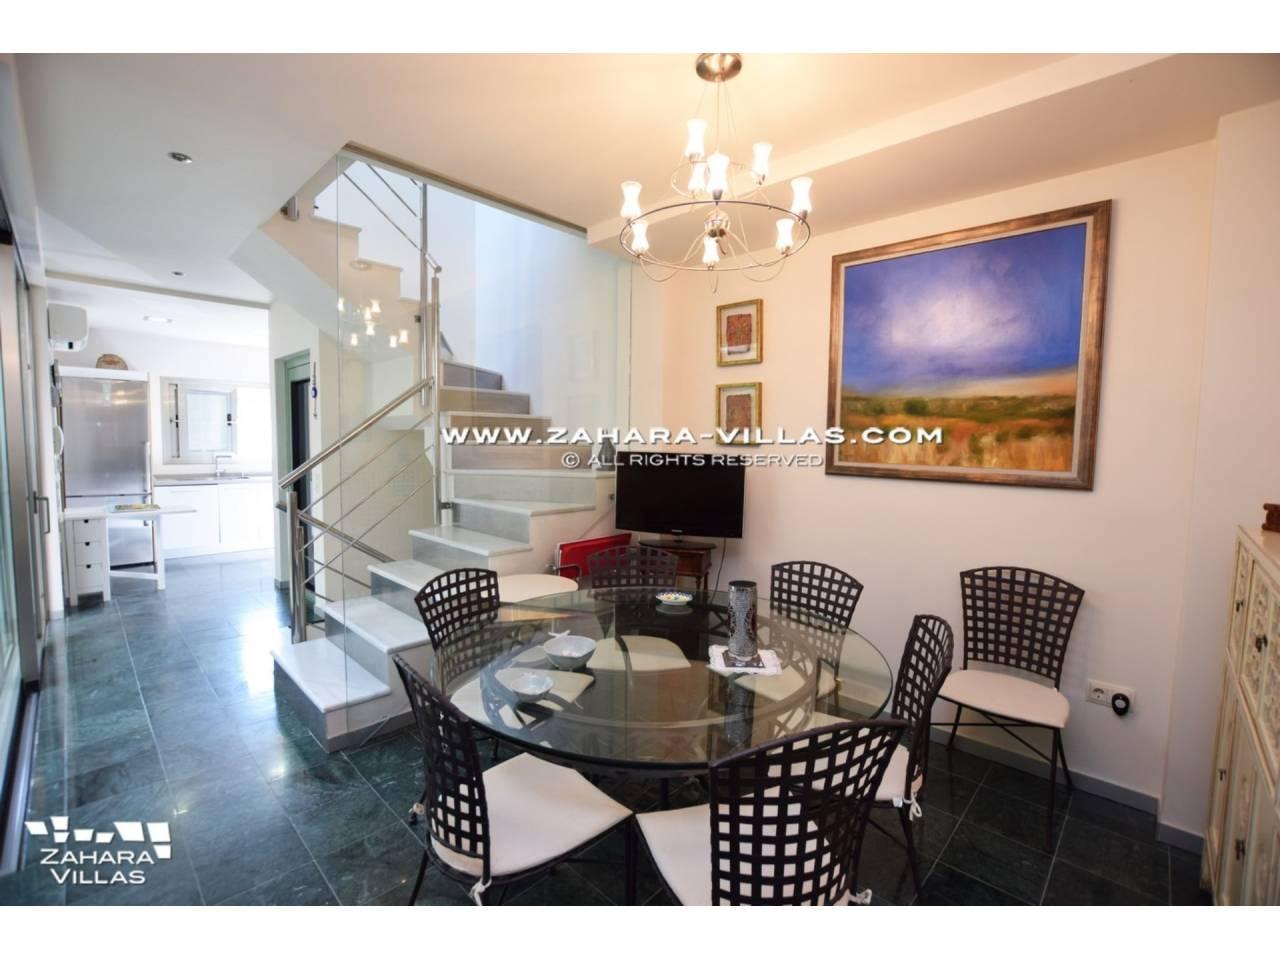 Imagen 23 de House for sale in Zahara de los Atunes